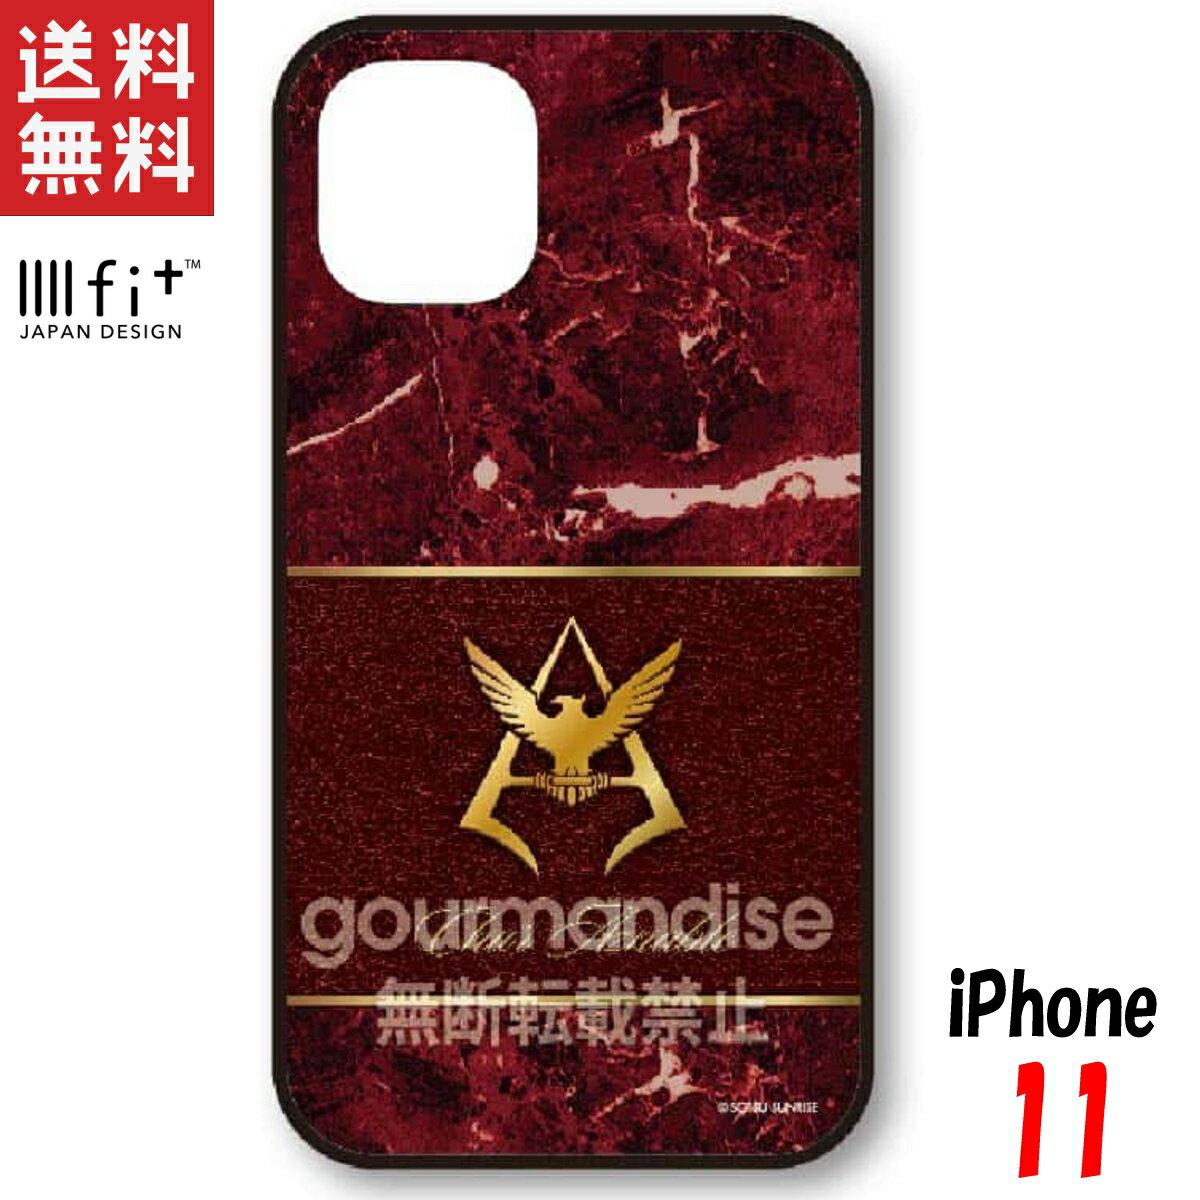 スマートフォン・携帯電話用アクセサリー, ケース・カバー  iPhone11 IIIIfit GD-107B